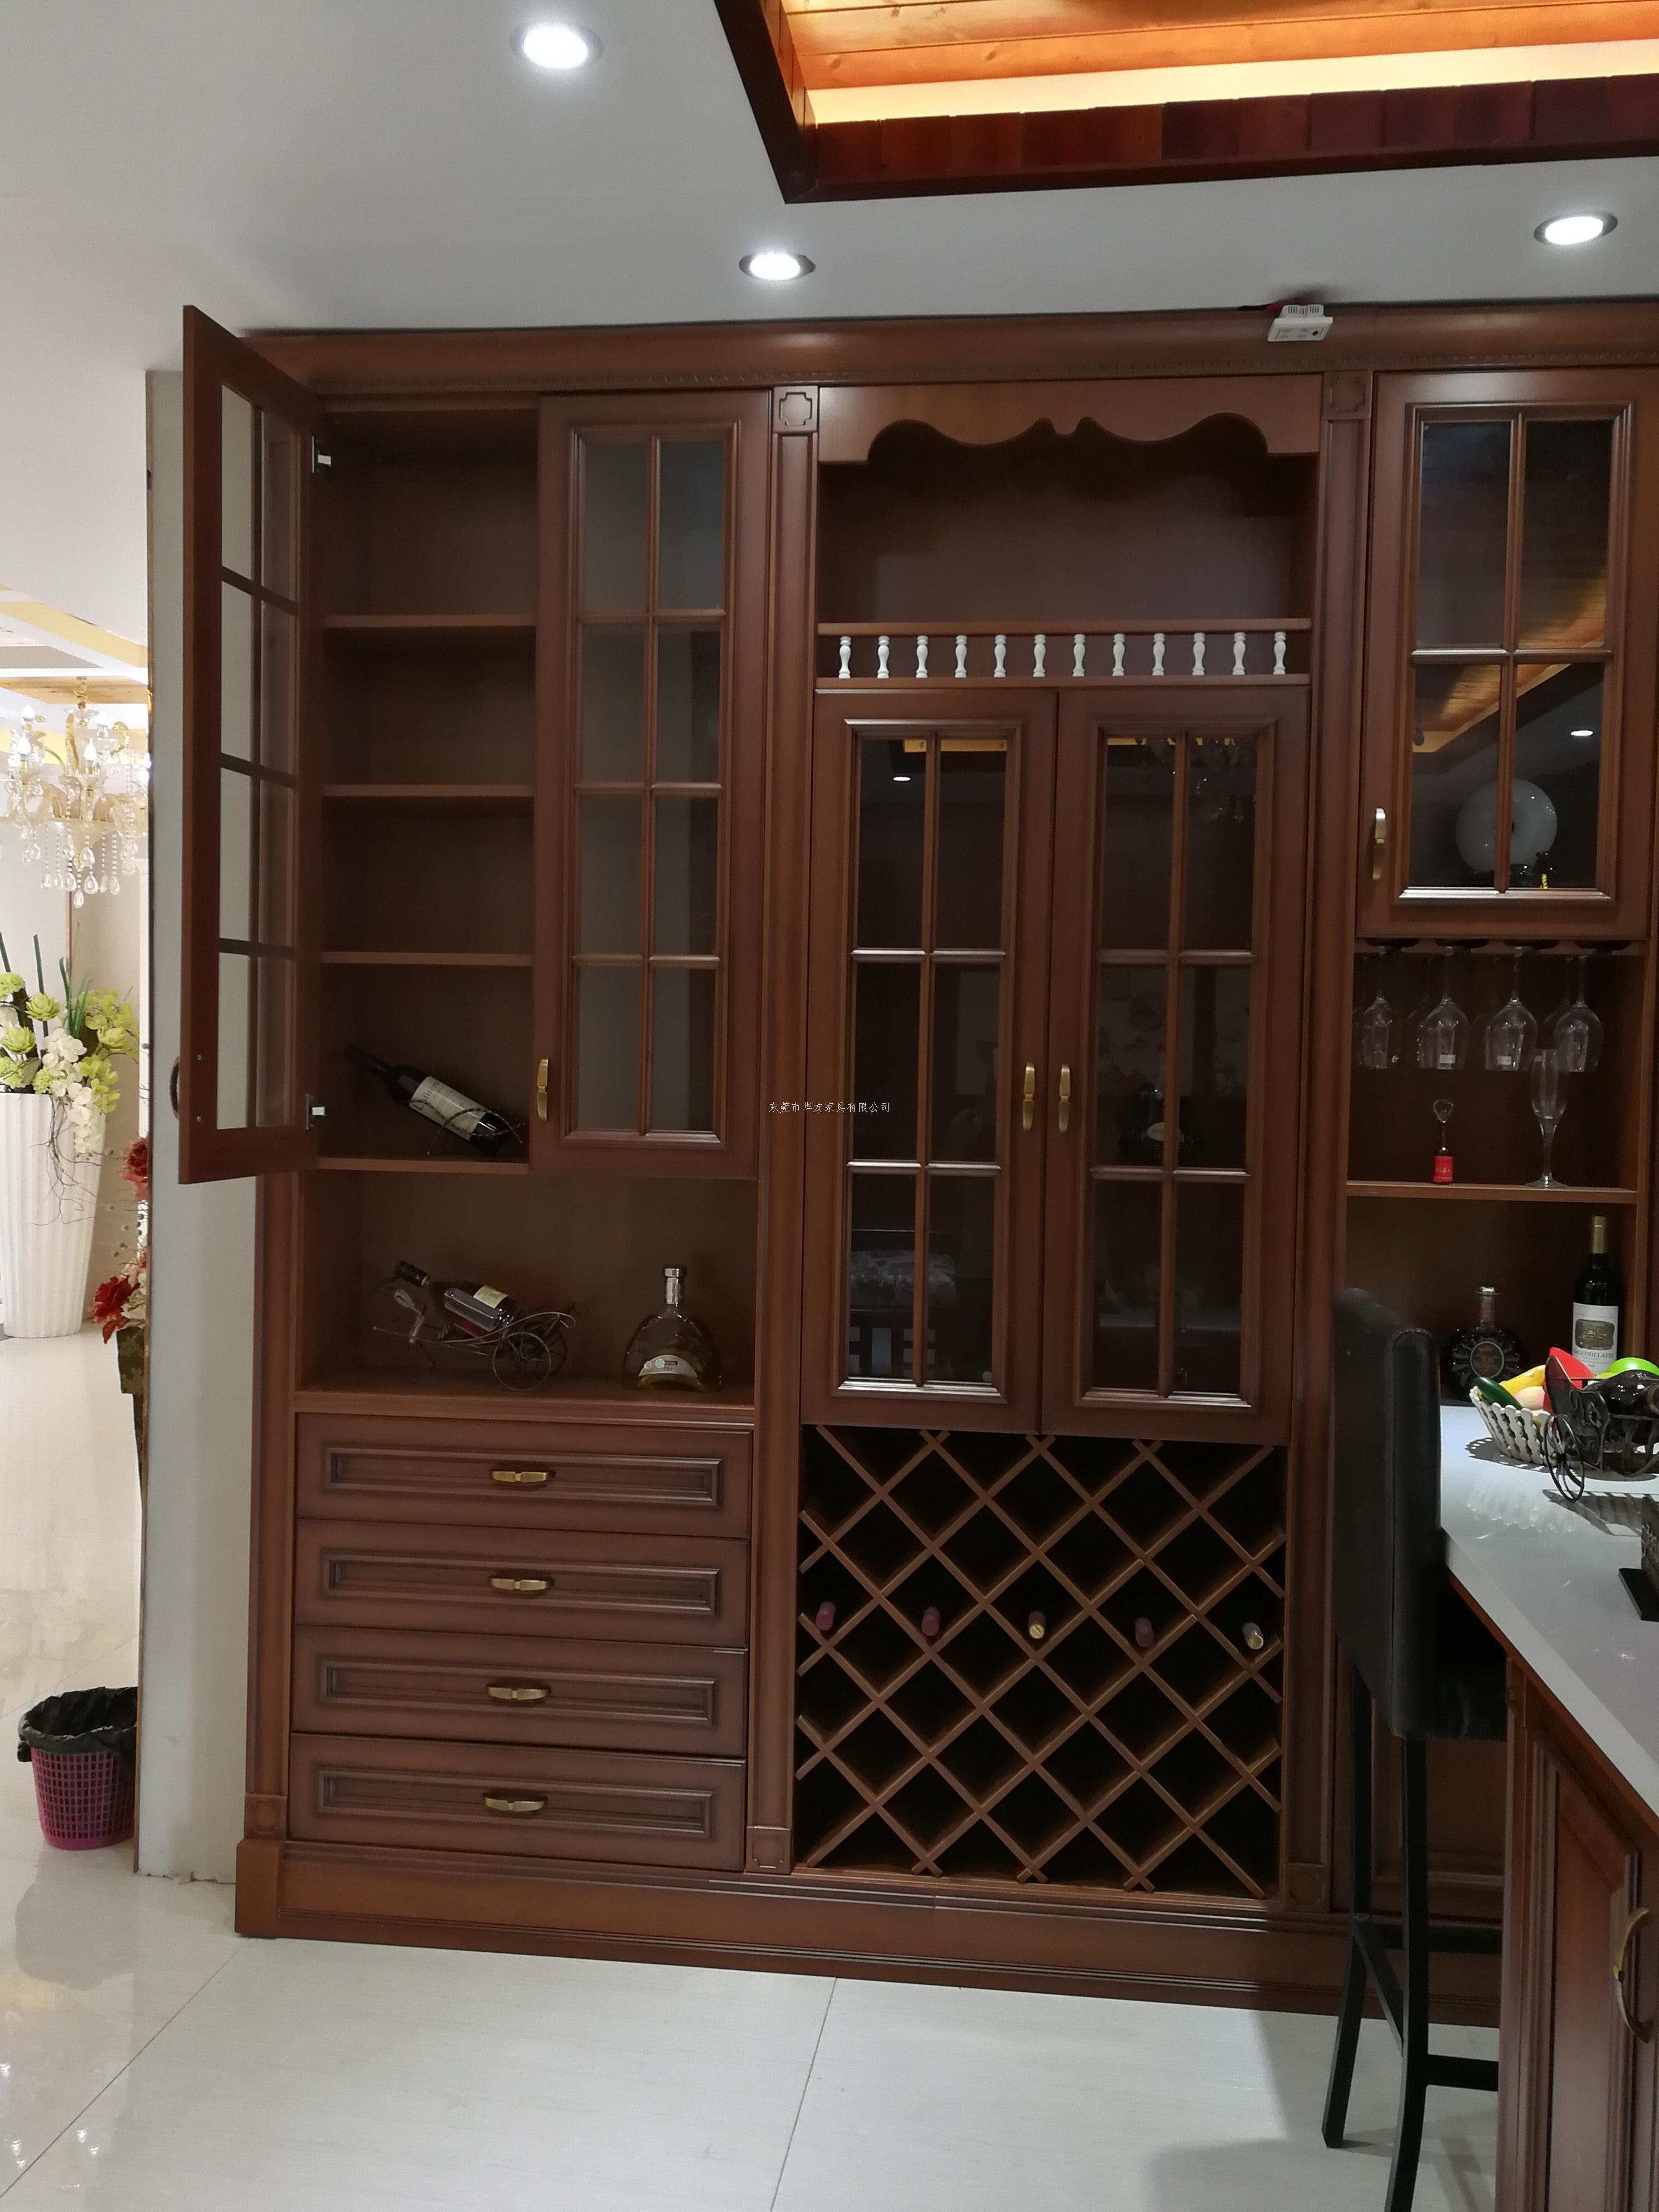 酒柜 产品描述:华友家具,酒柜定制,东莞酒柜定制,中式酒柜,欧式酒柜